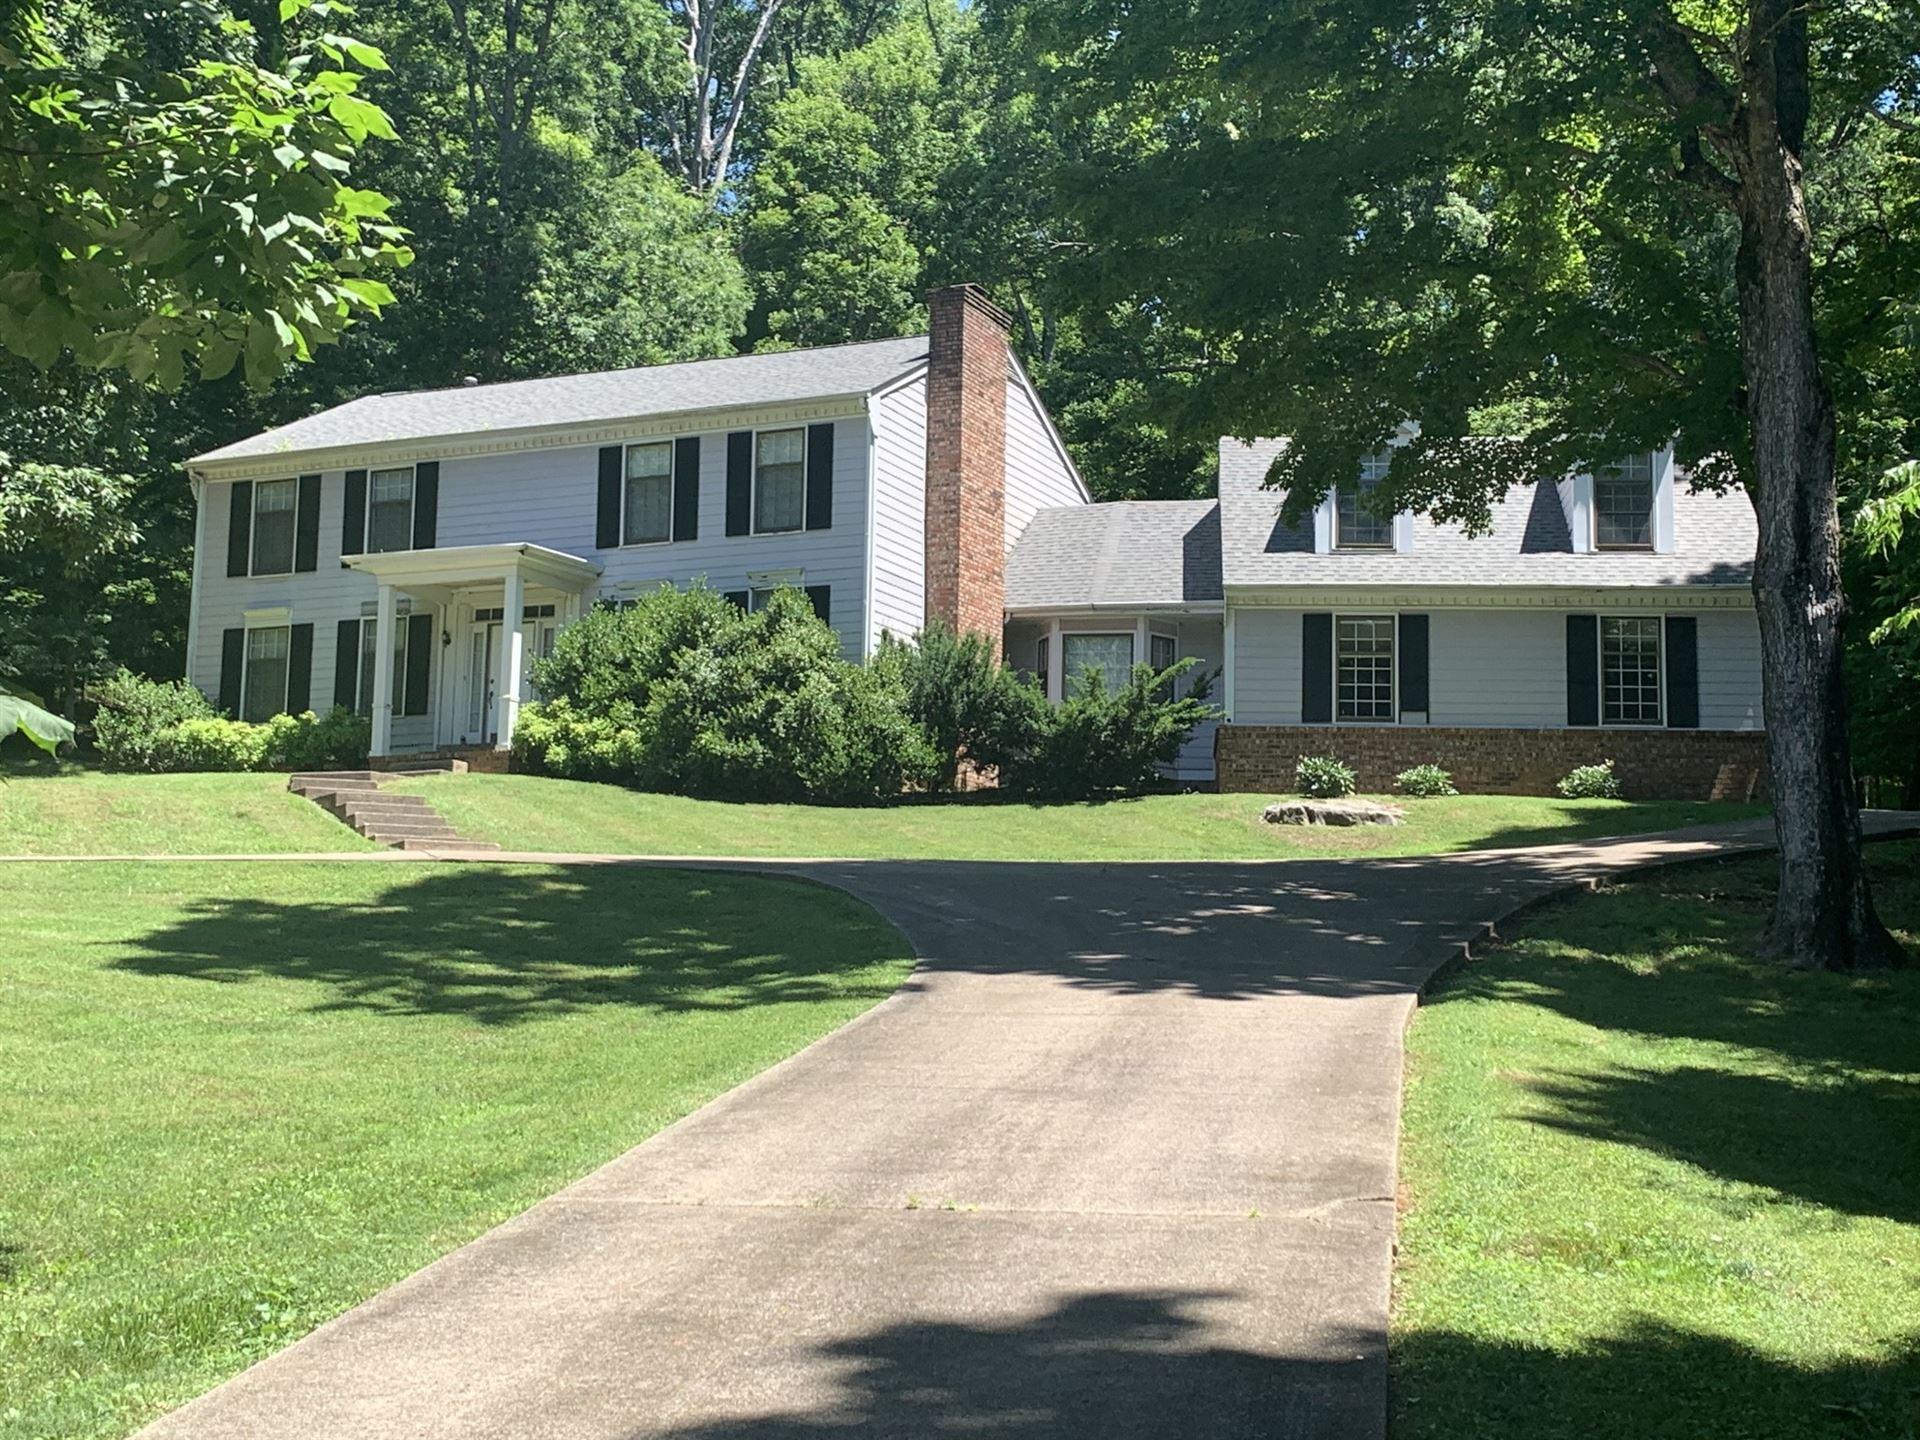 1605 Deerfield Dr., Clarksville, TN 37043 - MLS#: 2158774